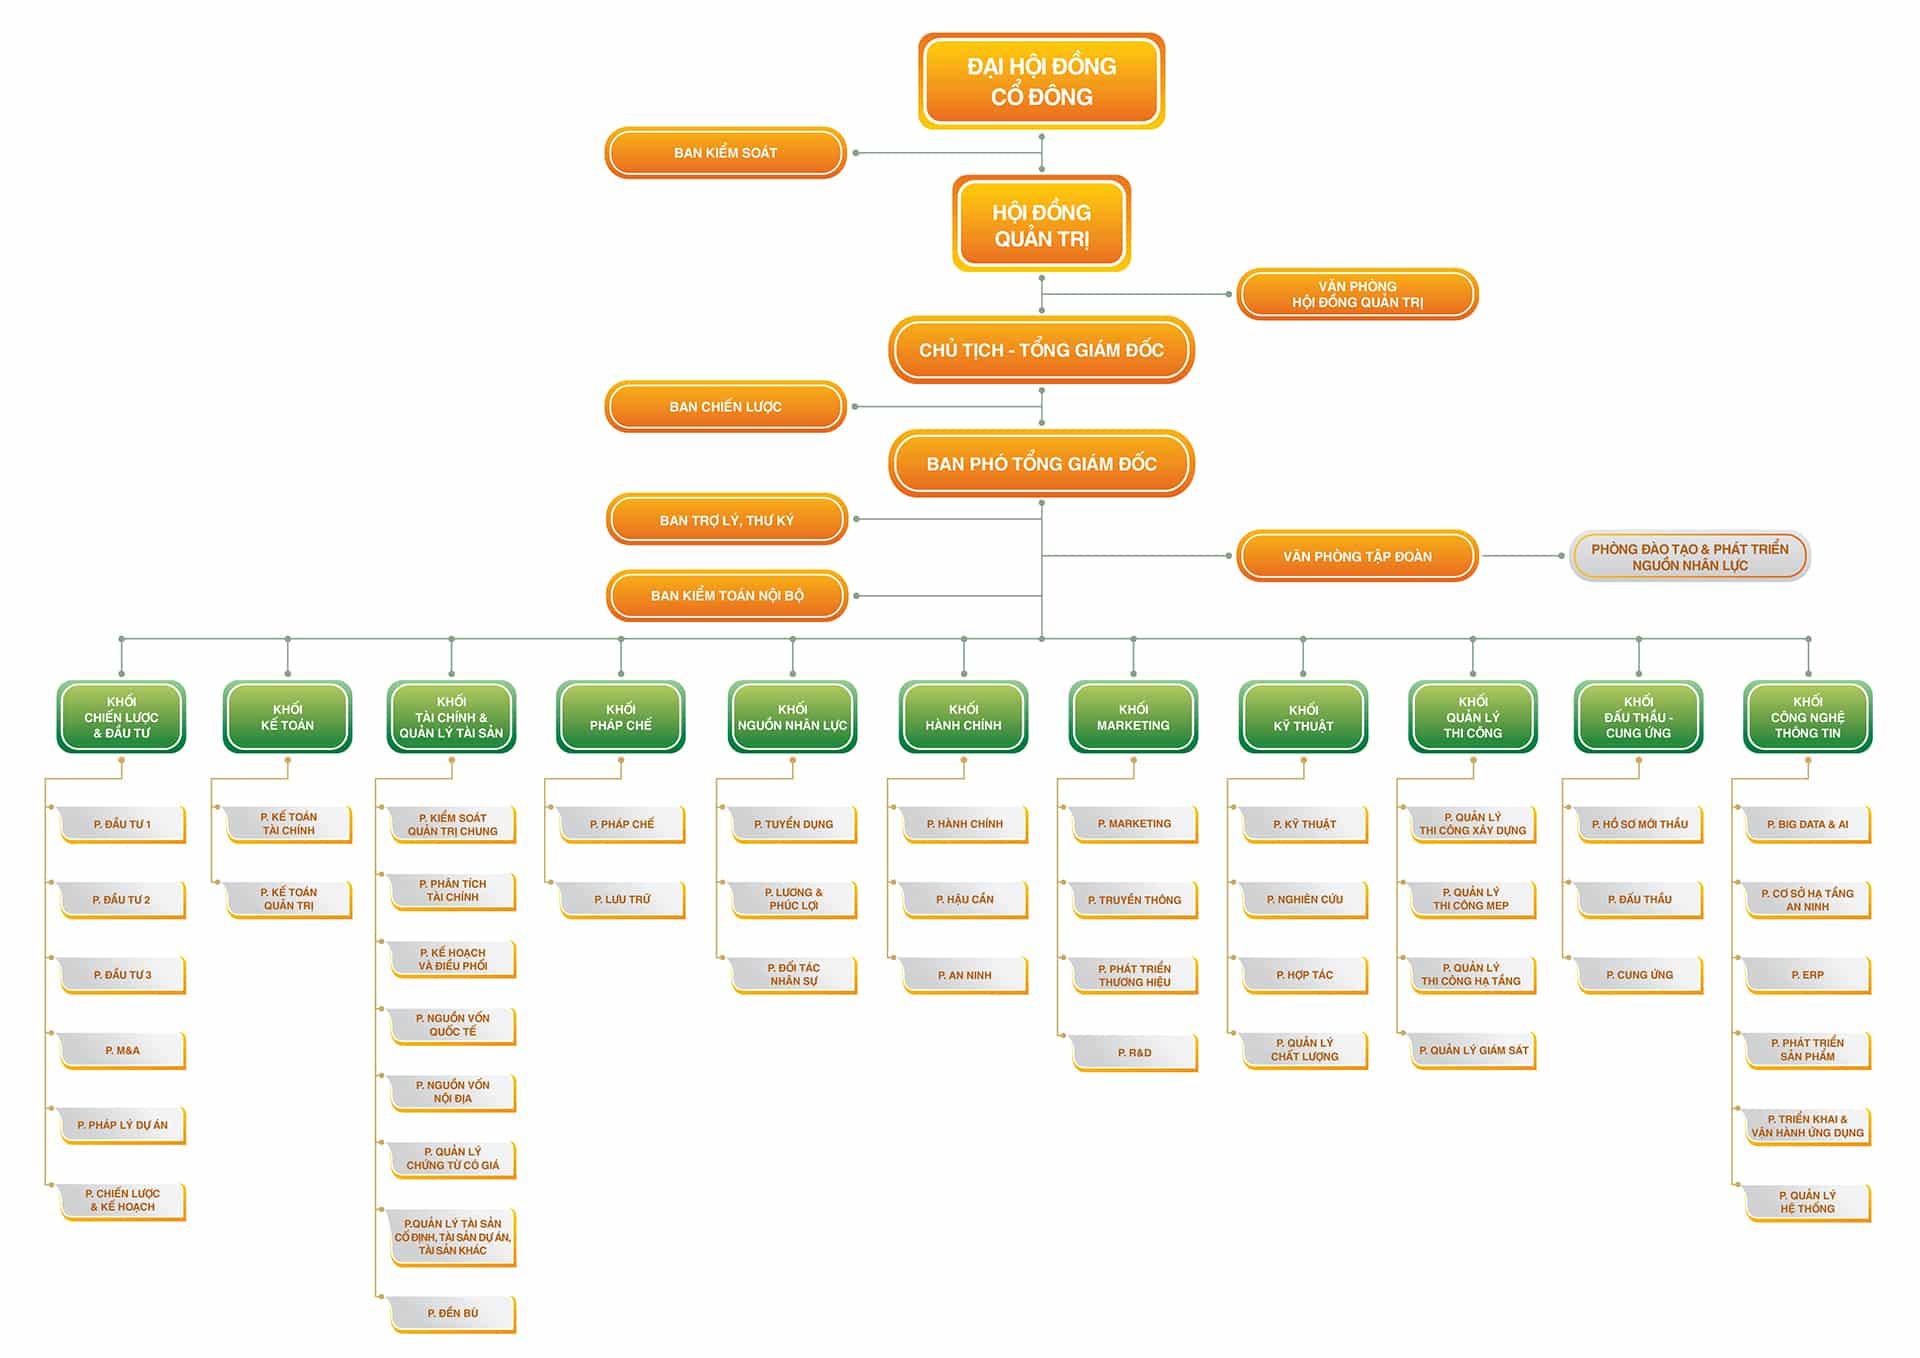 Cơ cấu tổ chức tập đoàn Hưng Thịnh